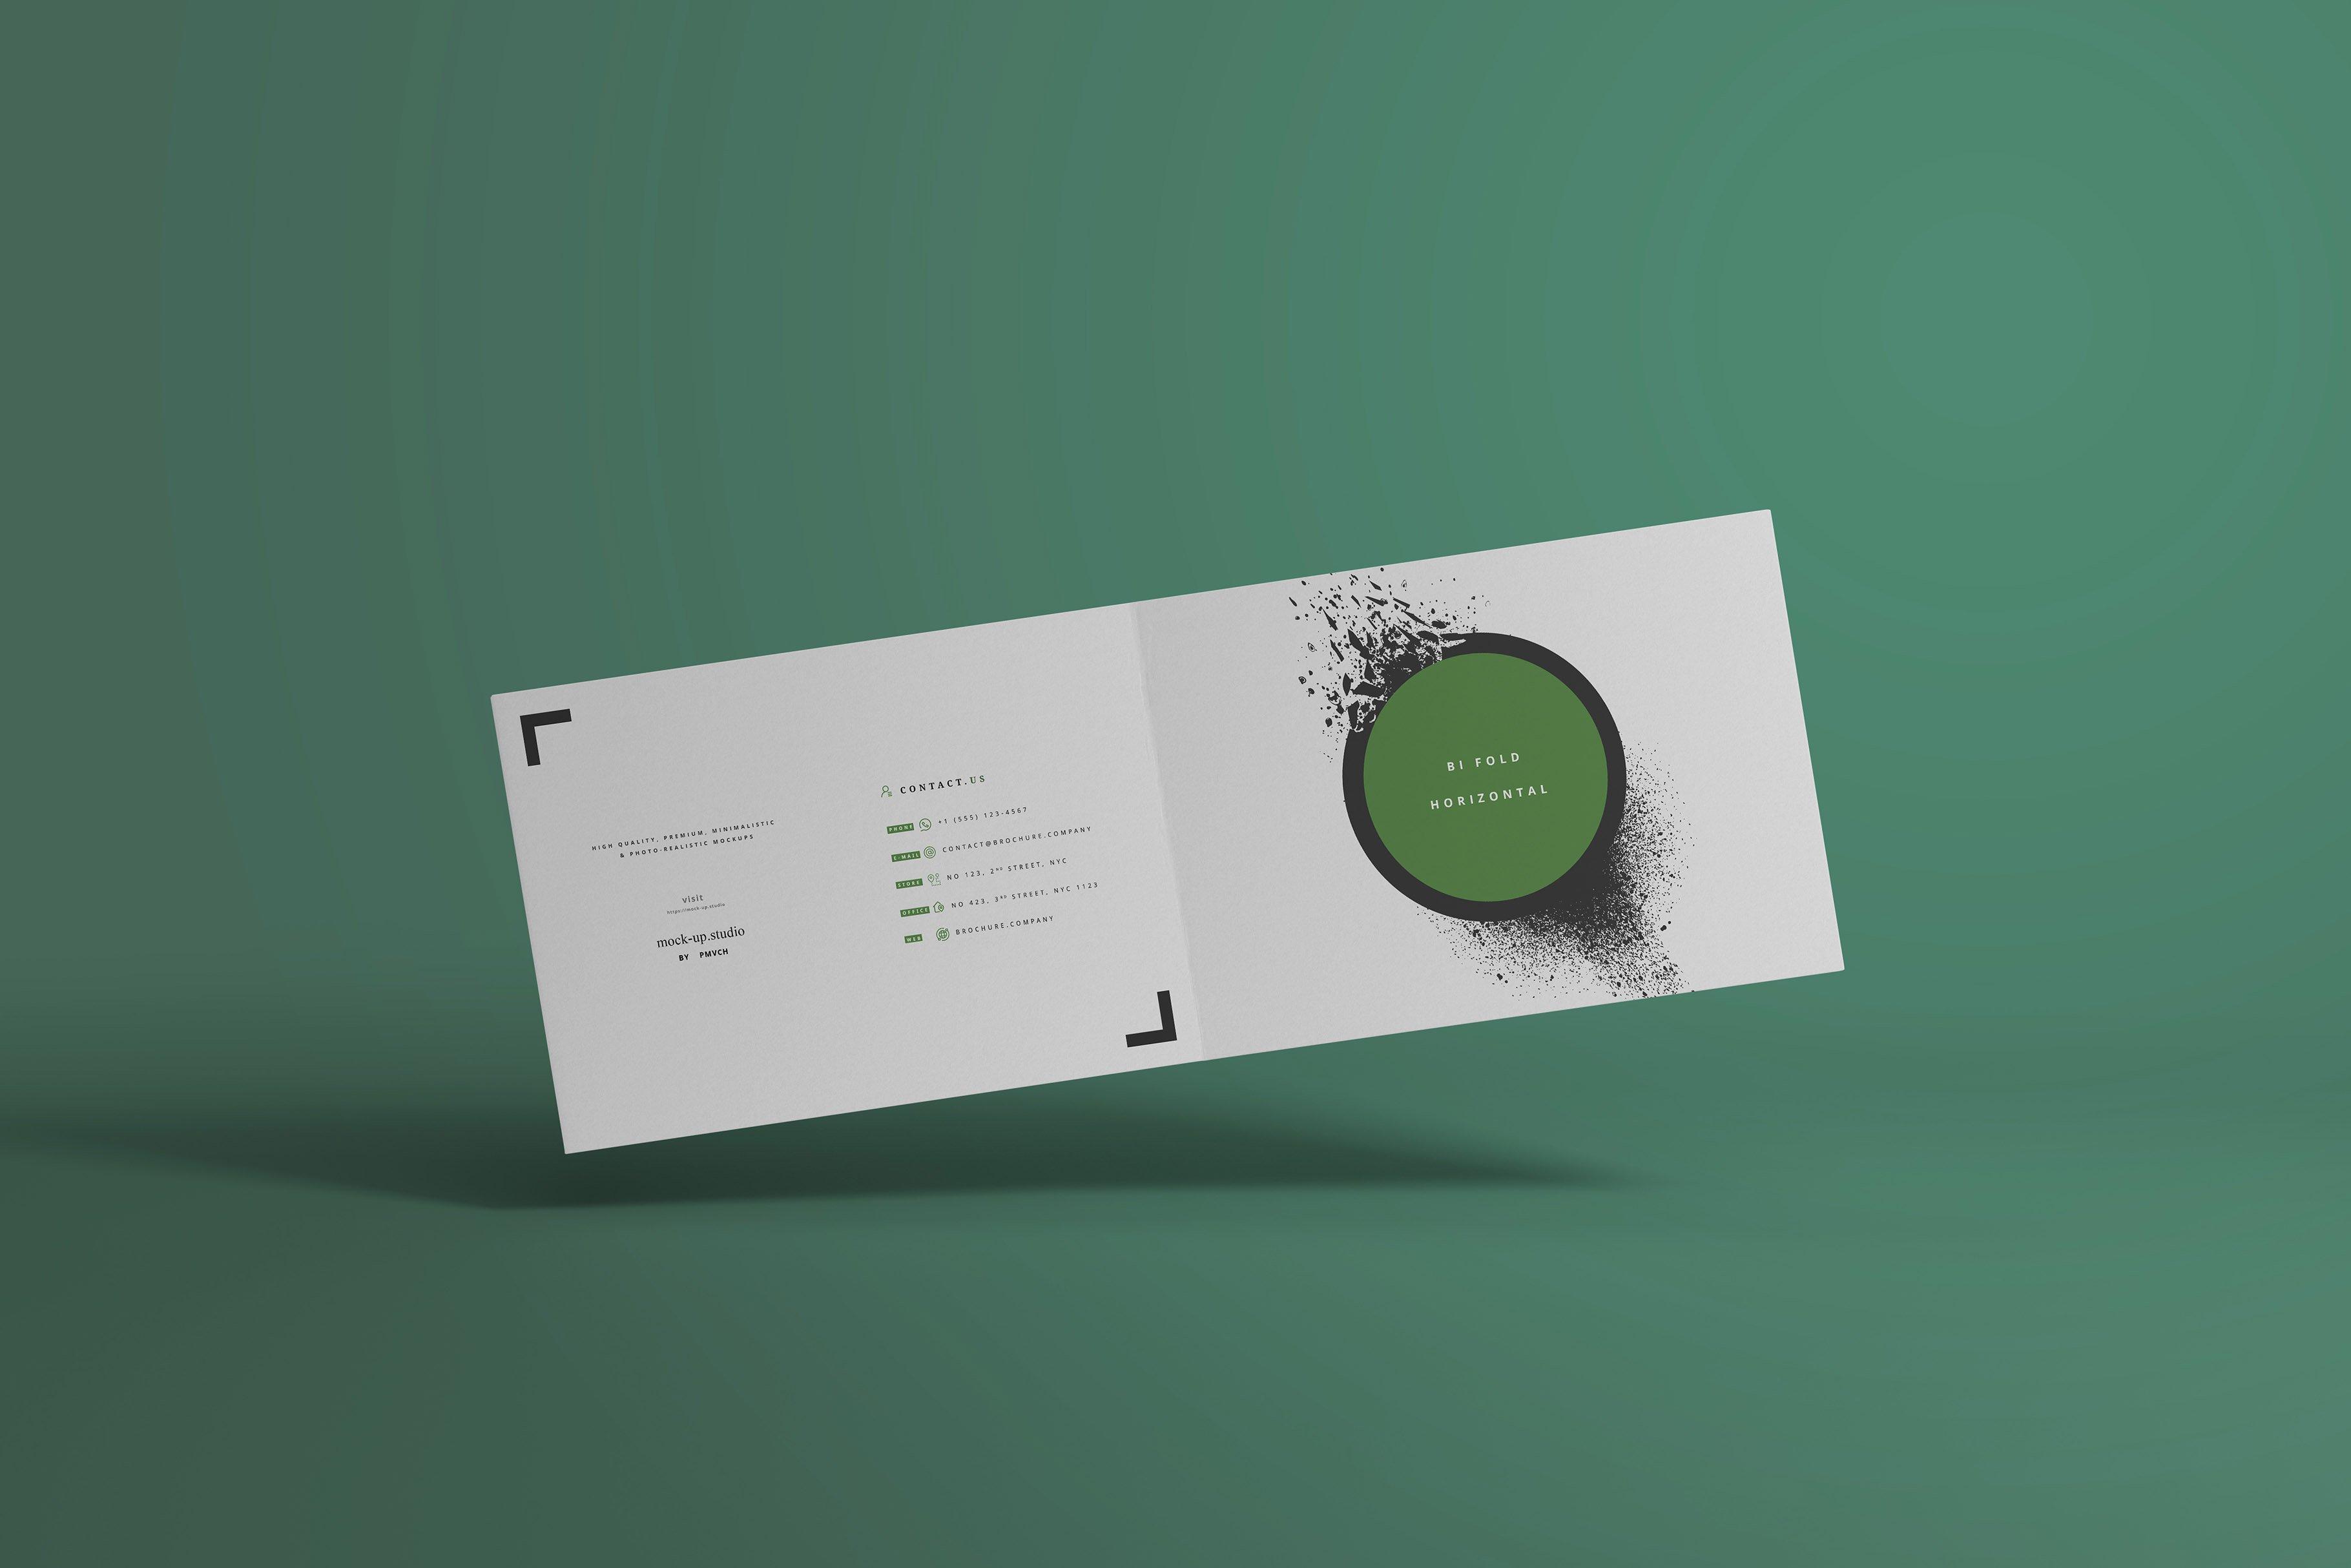 8款A4两折页小册子设计展示贴图样机模板 A4 Bi-Fold Horizontal Mockups插图(7)